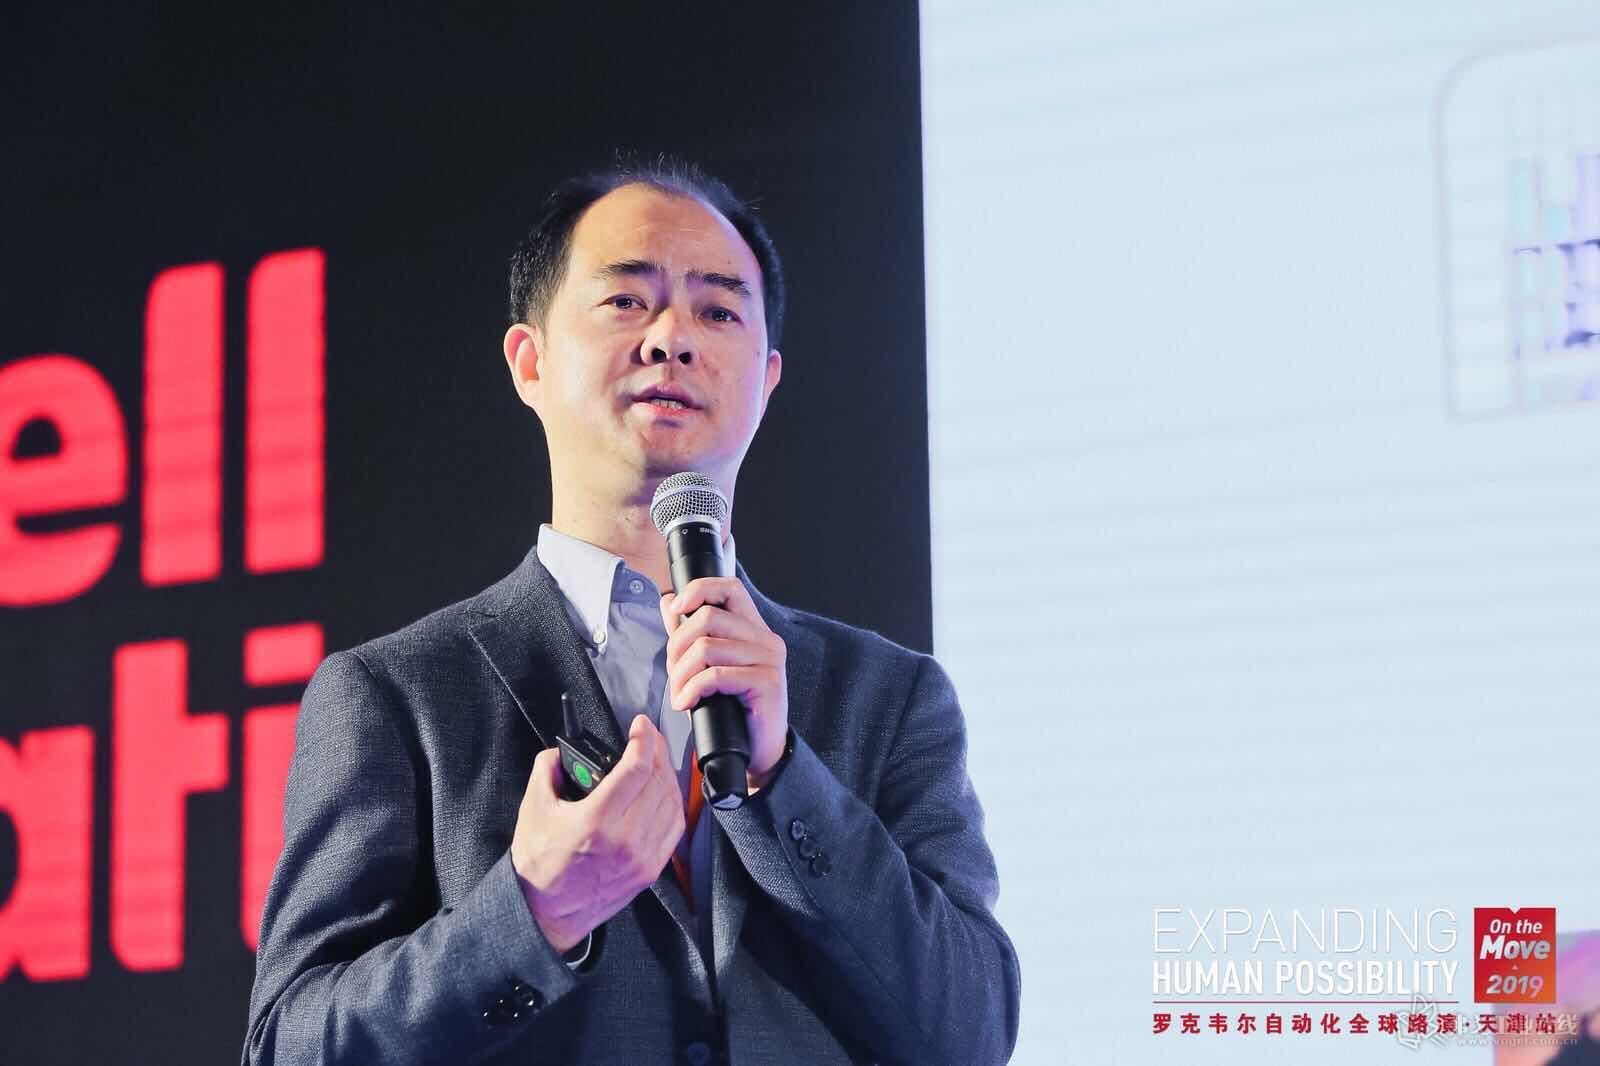 微软中国全渠道事业部创新技术总经理 崔宏禹.jpg